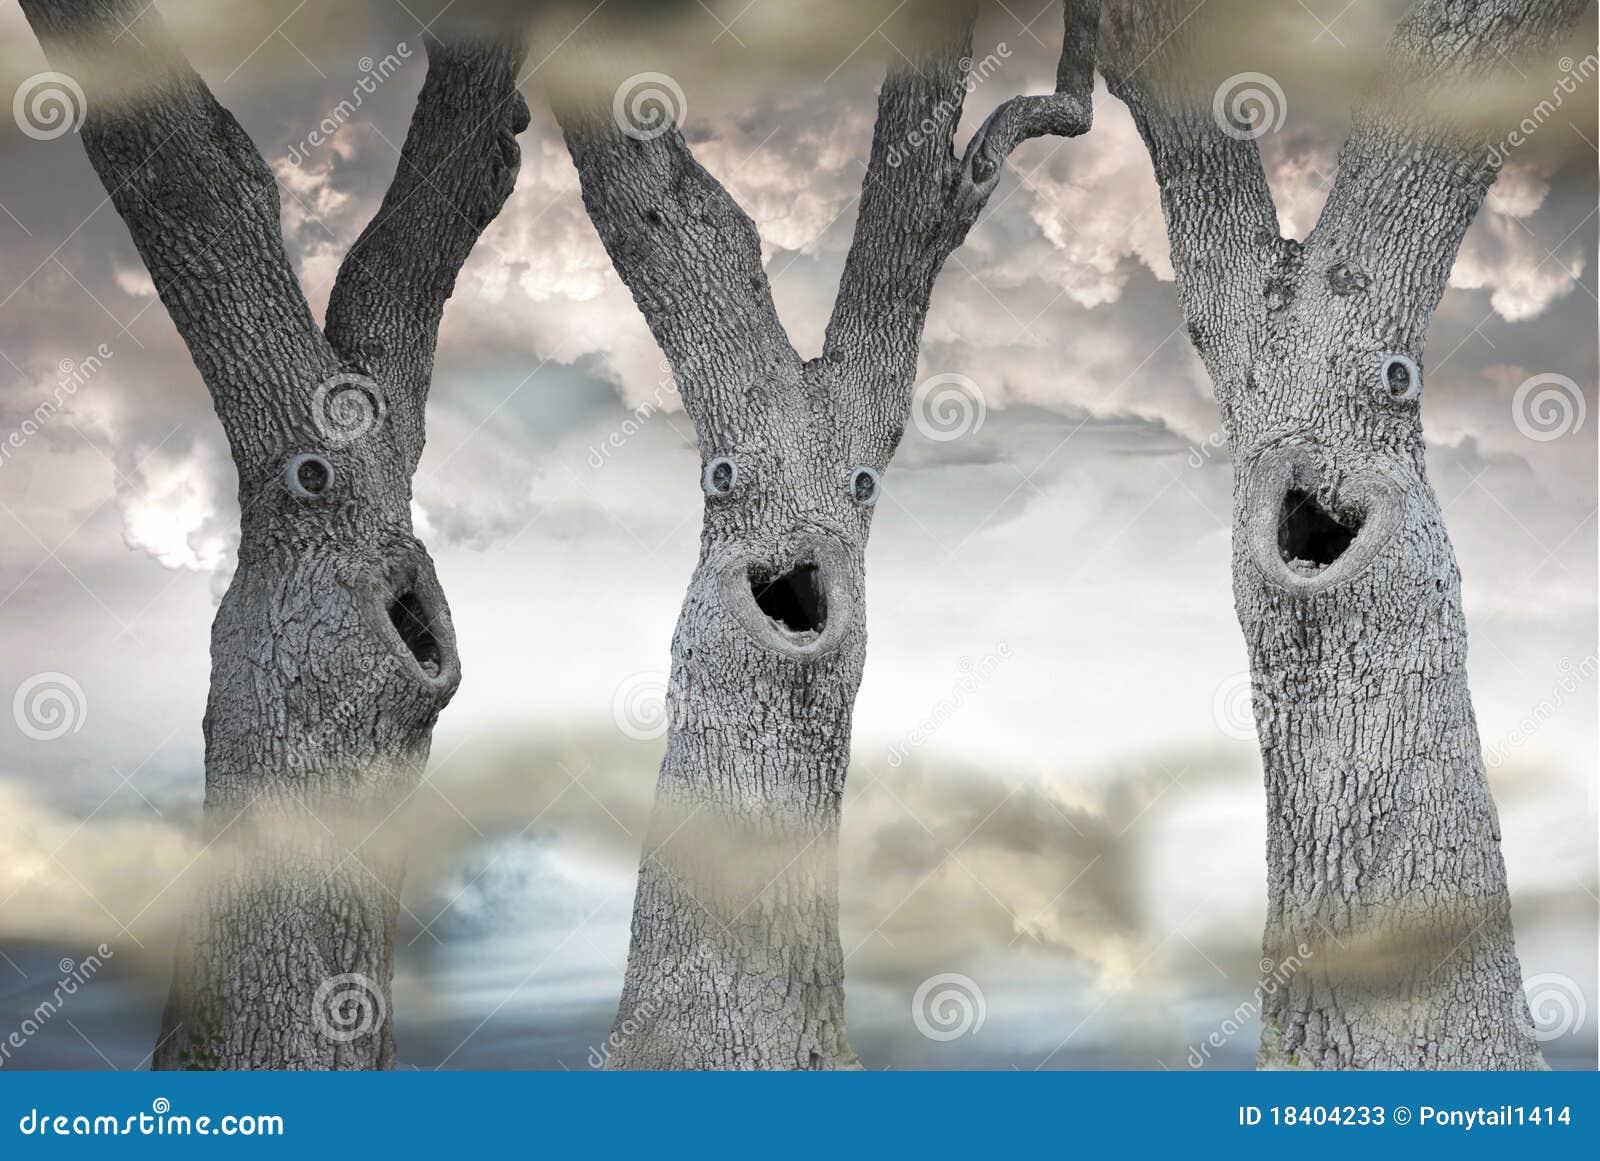 Funny Spooky Trees